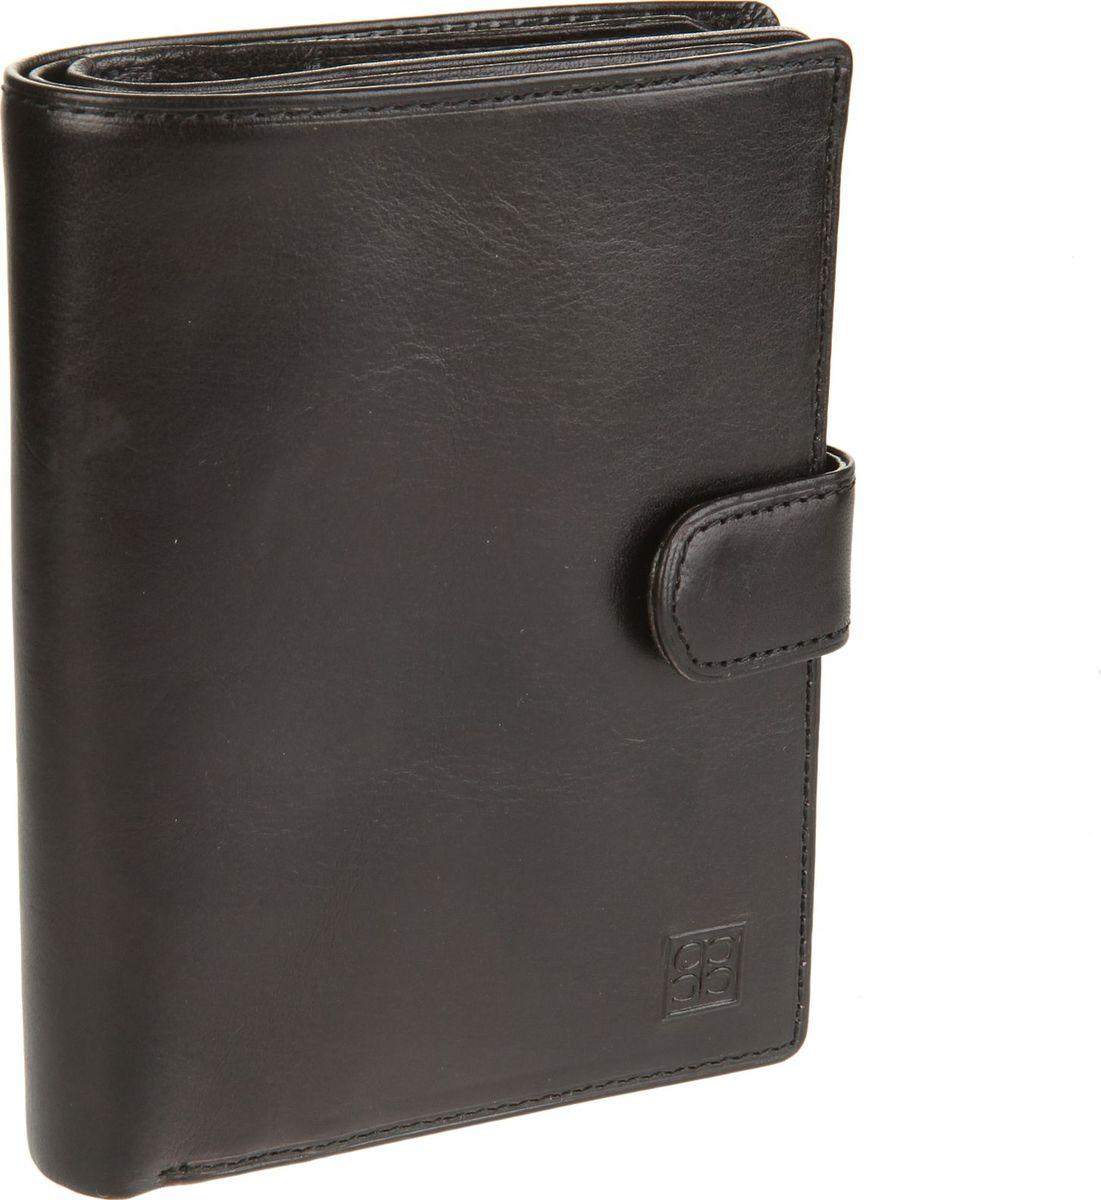 Портмоне мужское Sergio Belotti, цвет: черный. 2242m2242 milano blackзакрывается клапаном на кнопке внутри блок прозрачных файлов (шесть листов, один из них формата А5) для автодокументов (водительского удостоверения, техпаспорта, талон ТО, доверенности и т.п.) отделение для паспорта (пластиковая вставка) пять кармашков для пластиковых карт три потайных кармашка отделение для купюр